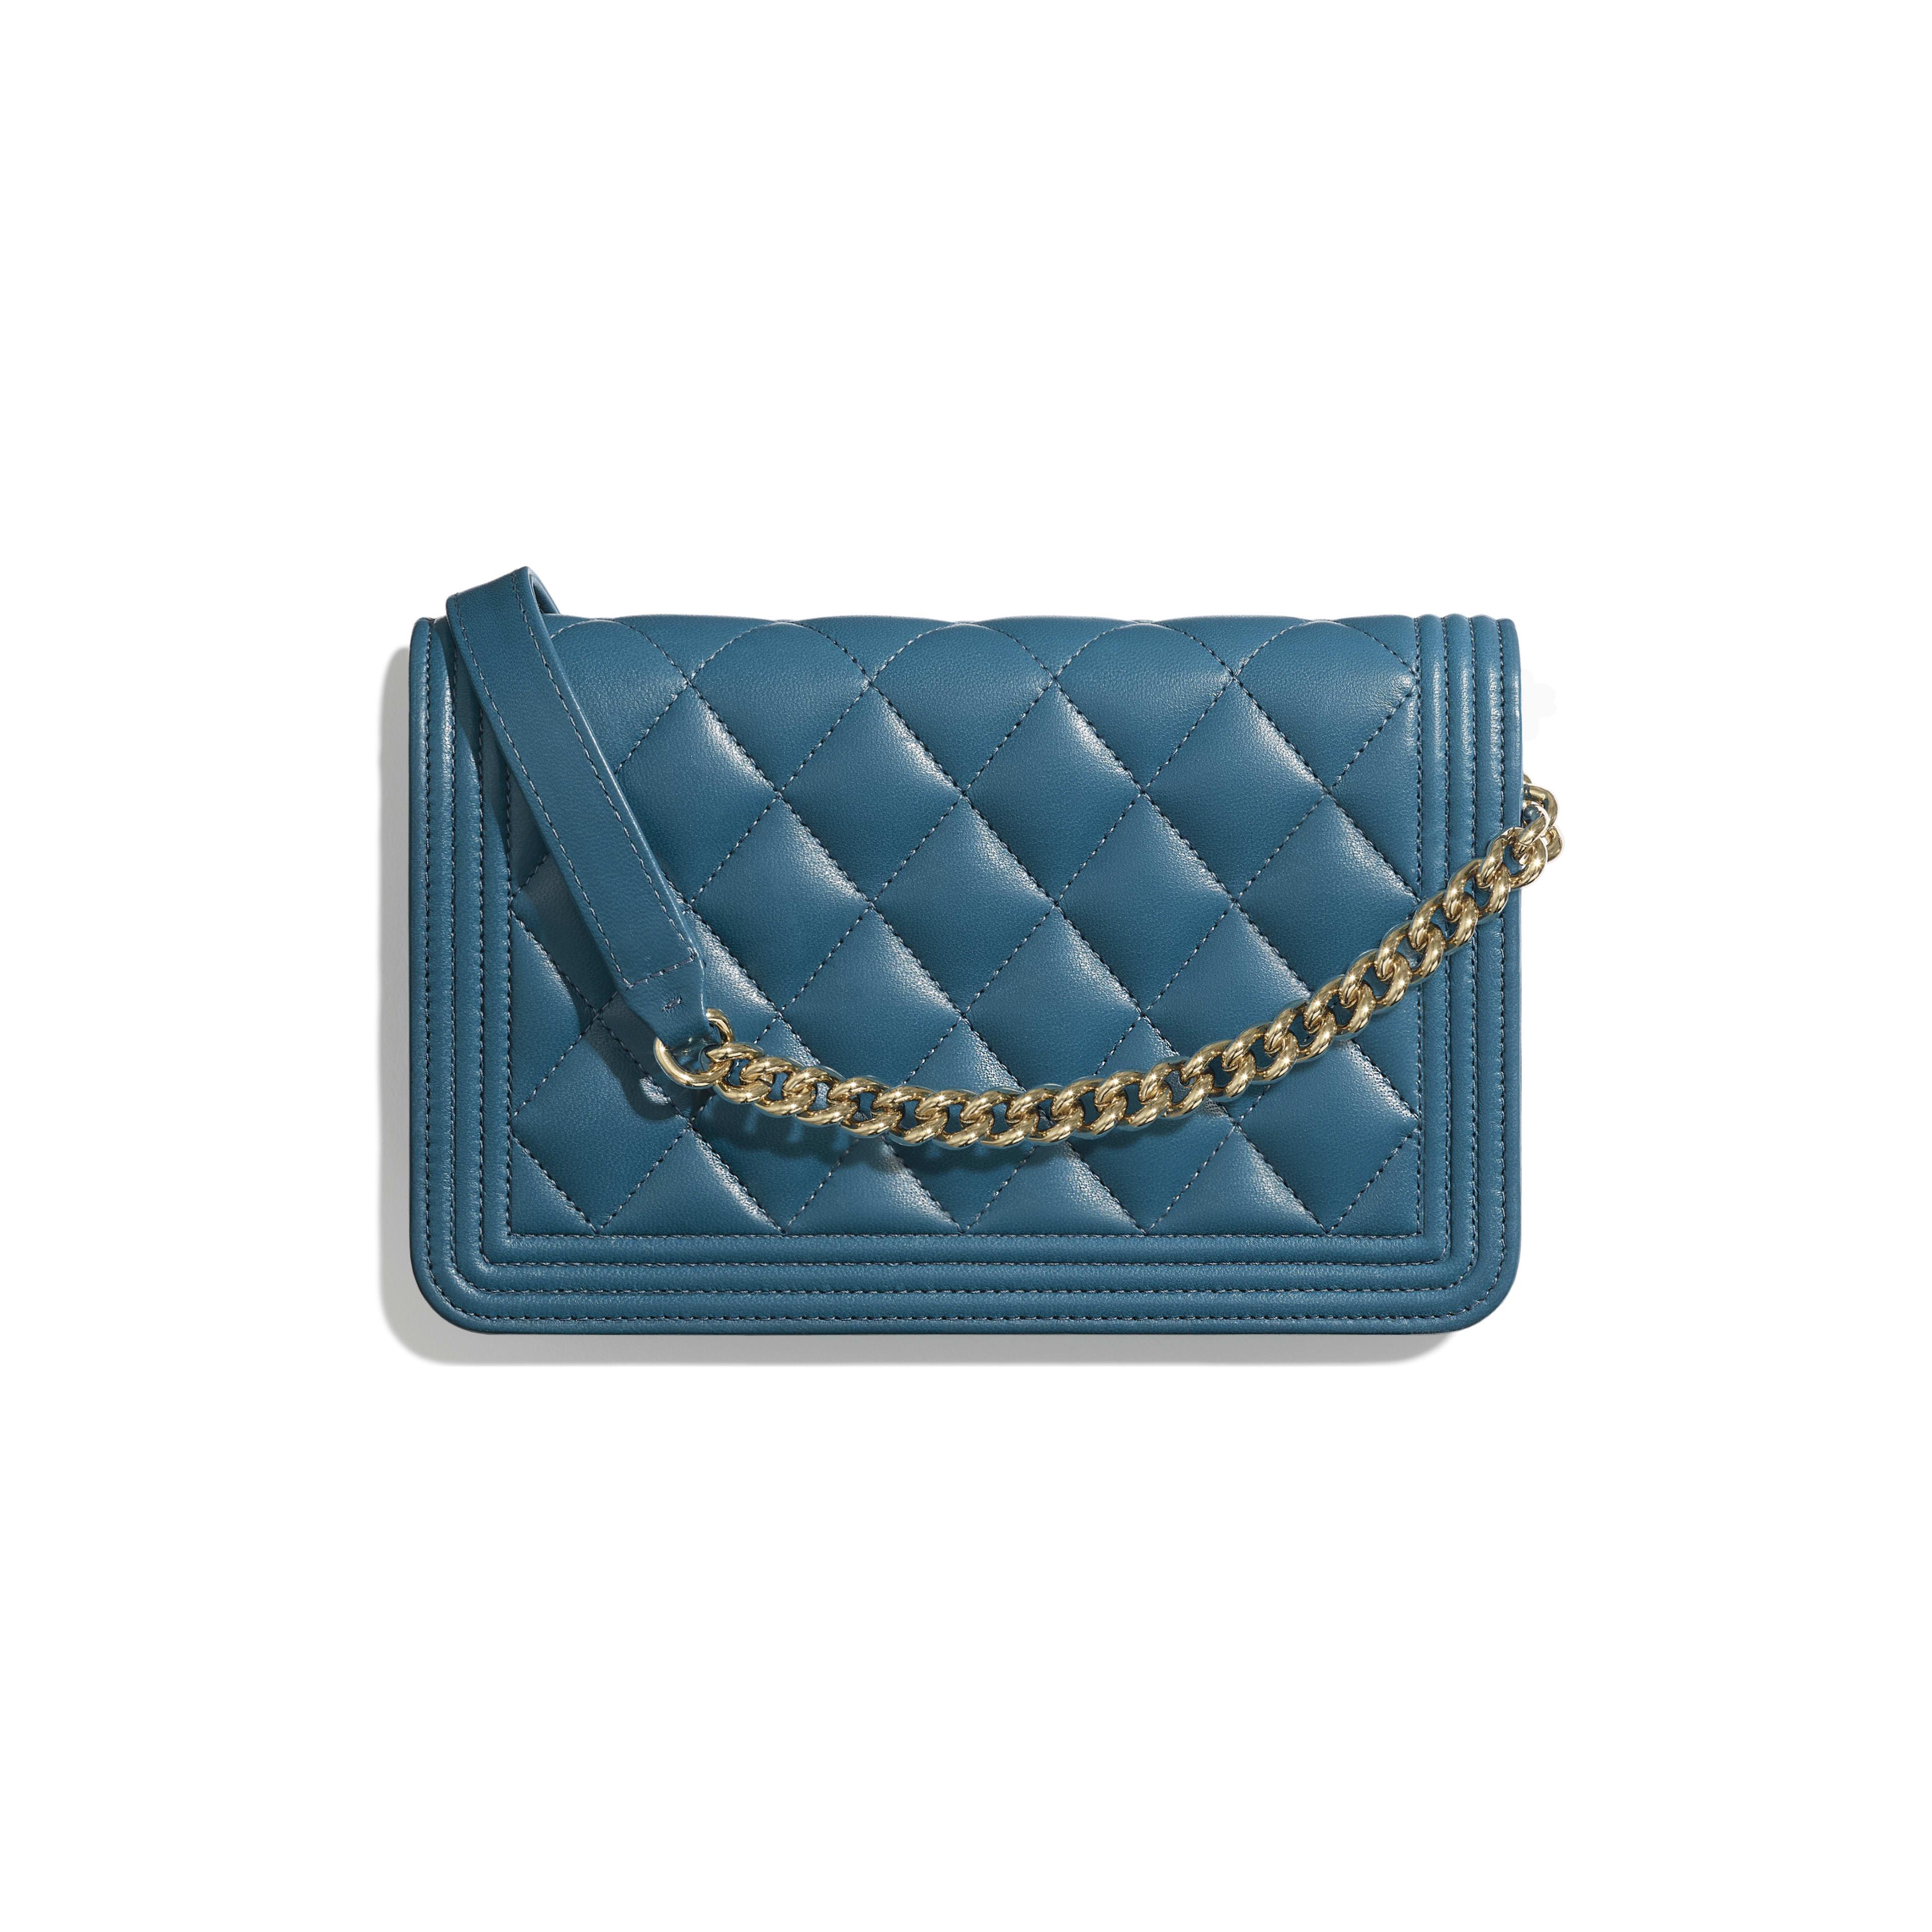 กระเป๋าสตางค์ Boy Chanel พร้อมสายโซ่ - สีฟ้าเทอร์ควอยซ์ - หนังแกะและโลหะสีทอง - มุมมองทางอื่น - ดูเวอร์ชันขนาดเต็ม